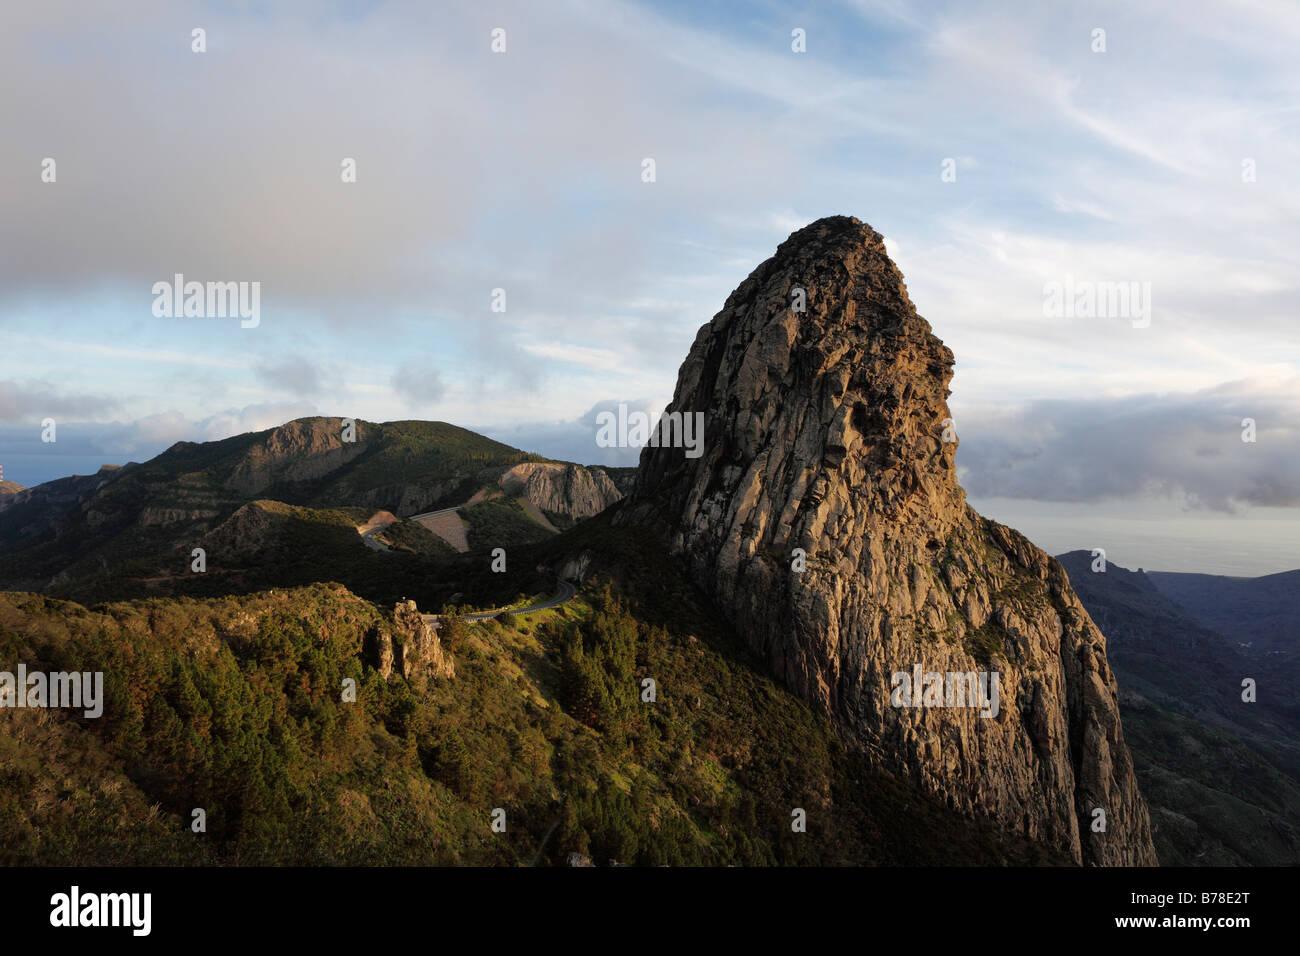 Mt Roque de Agando, view from the 'Mirador Roque de Agando', La Gomera, Canary Islands, Spain, Europe - Stock Image